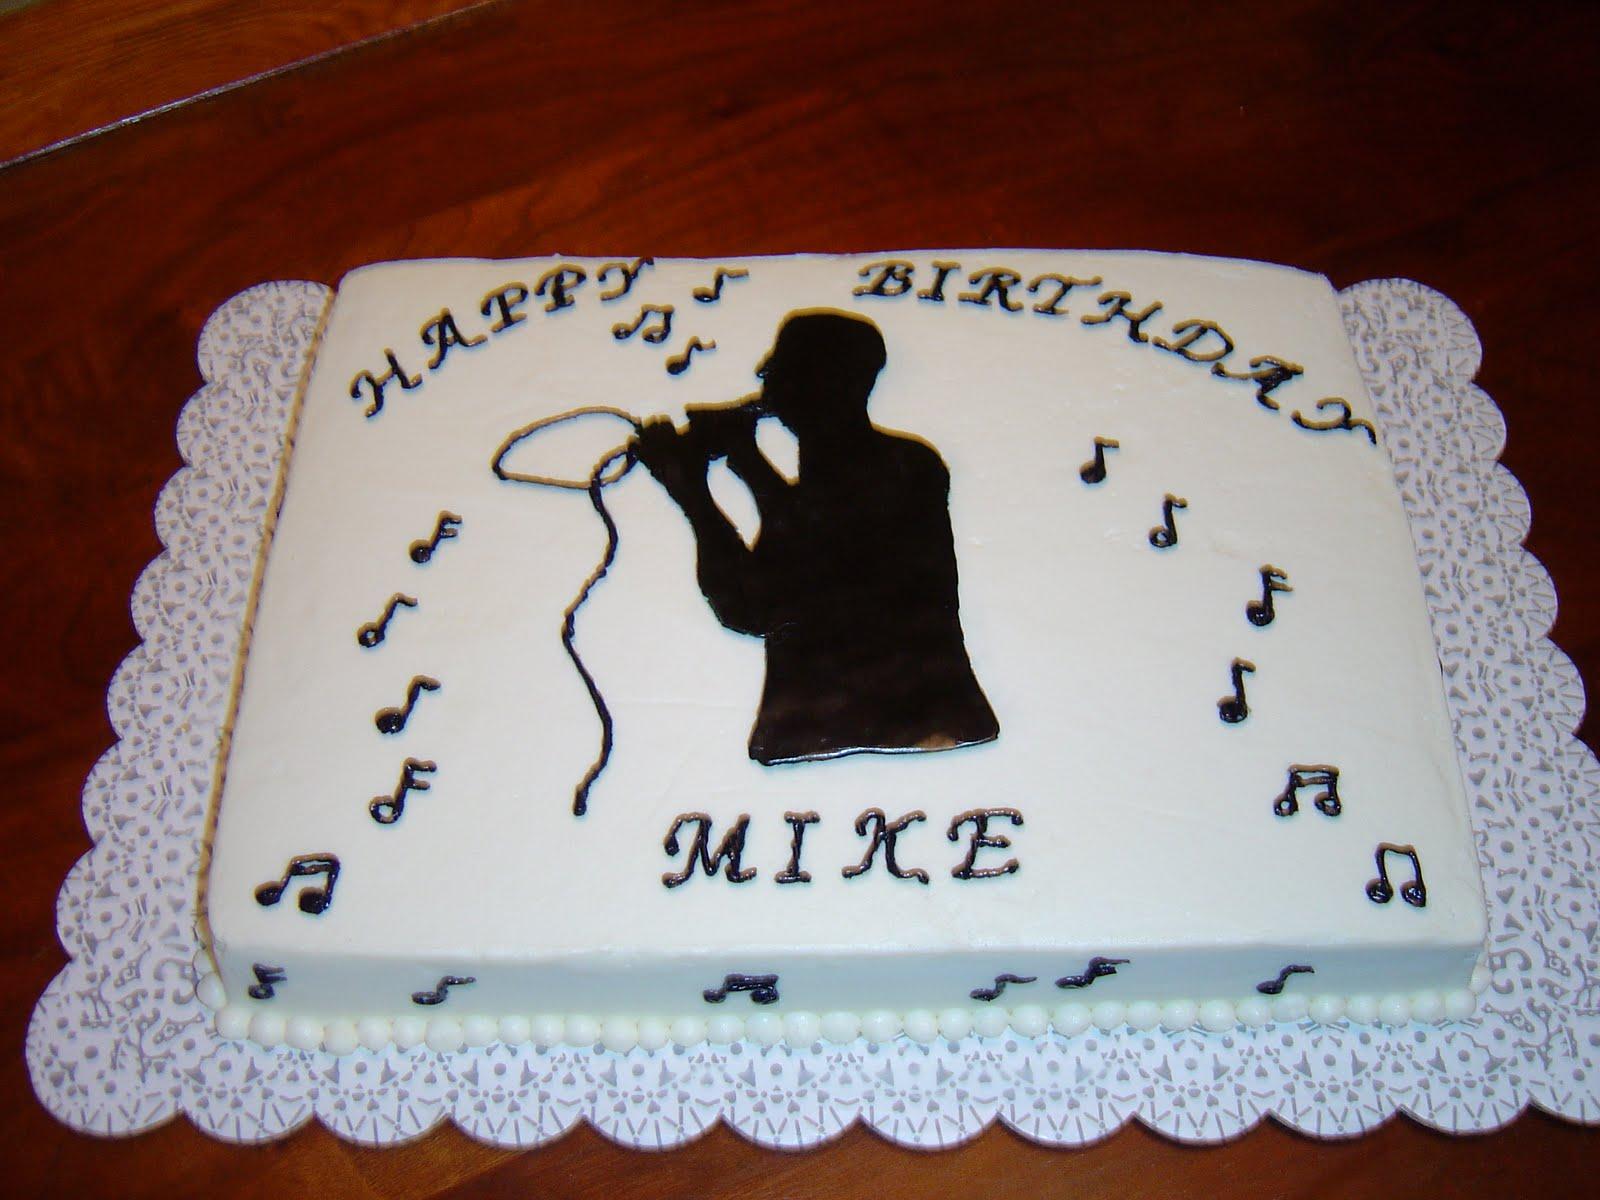 Sweet T s Cake Design: Karaoke Singer Sheetcake